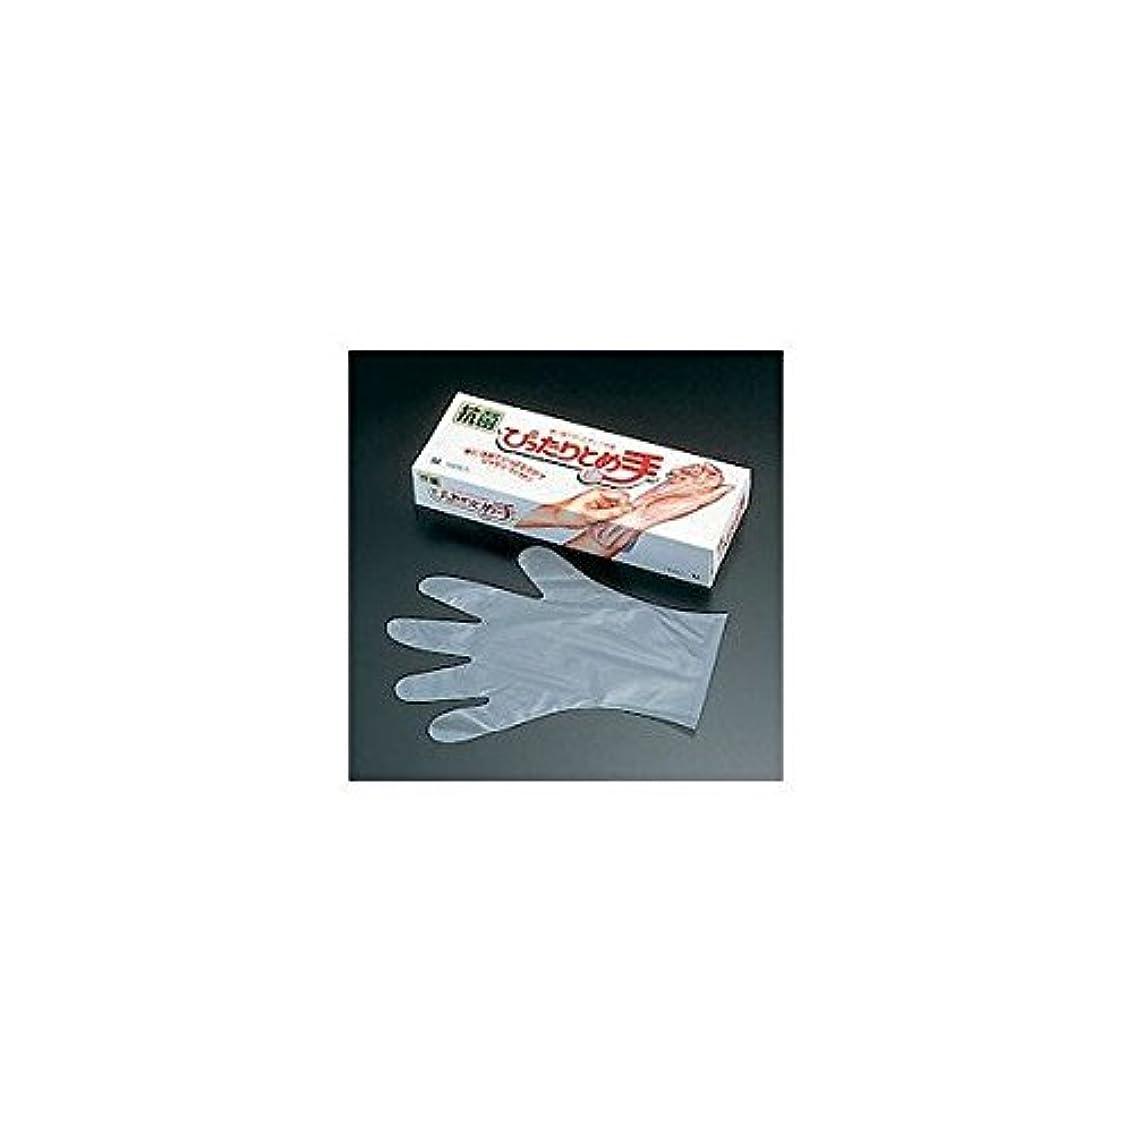 ありそう条約個人的なリケンファブロ 手袋 抗菌ぴったりとめ手 S (100枚入) STB431